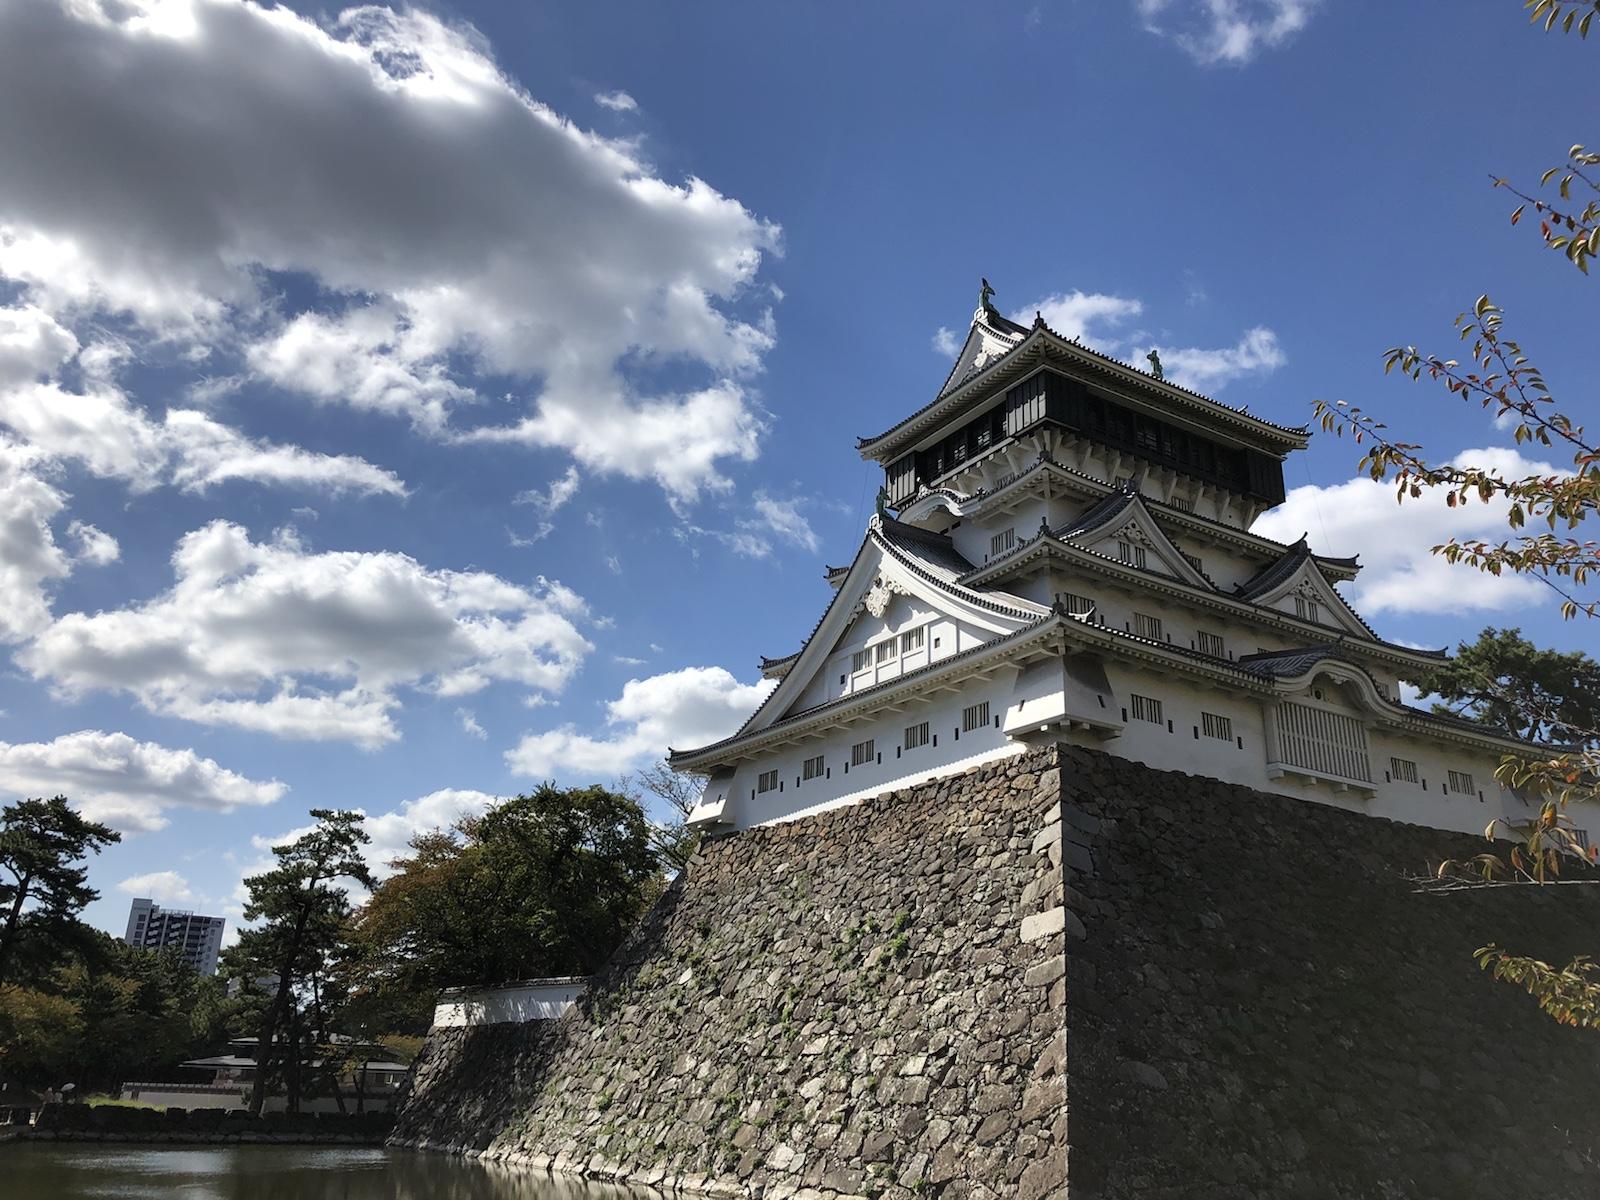 福岡から北九州へ!小倉城と門司港レトロをぶら歩き